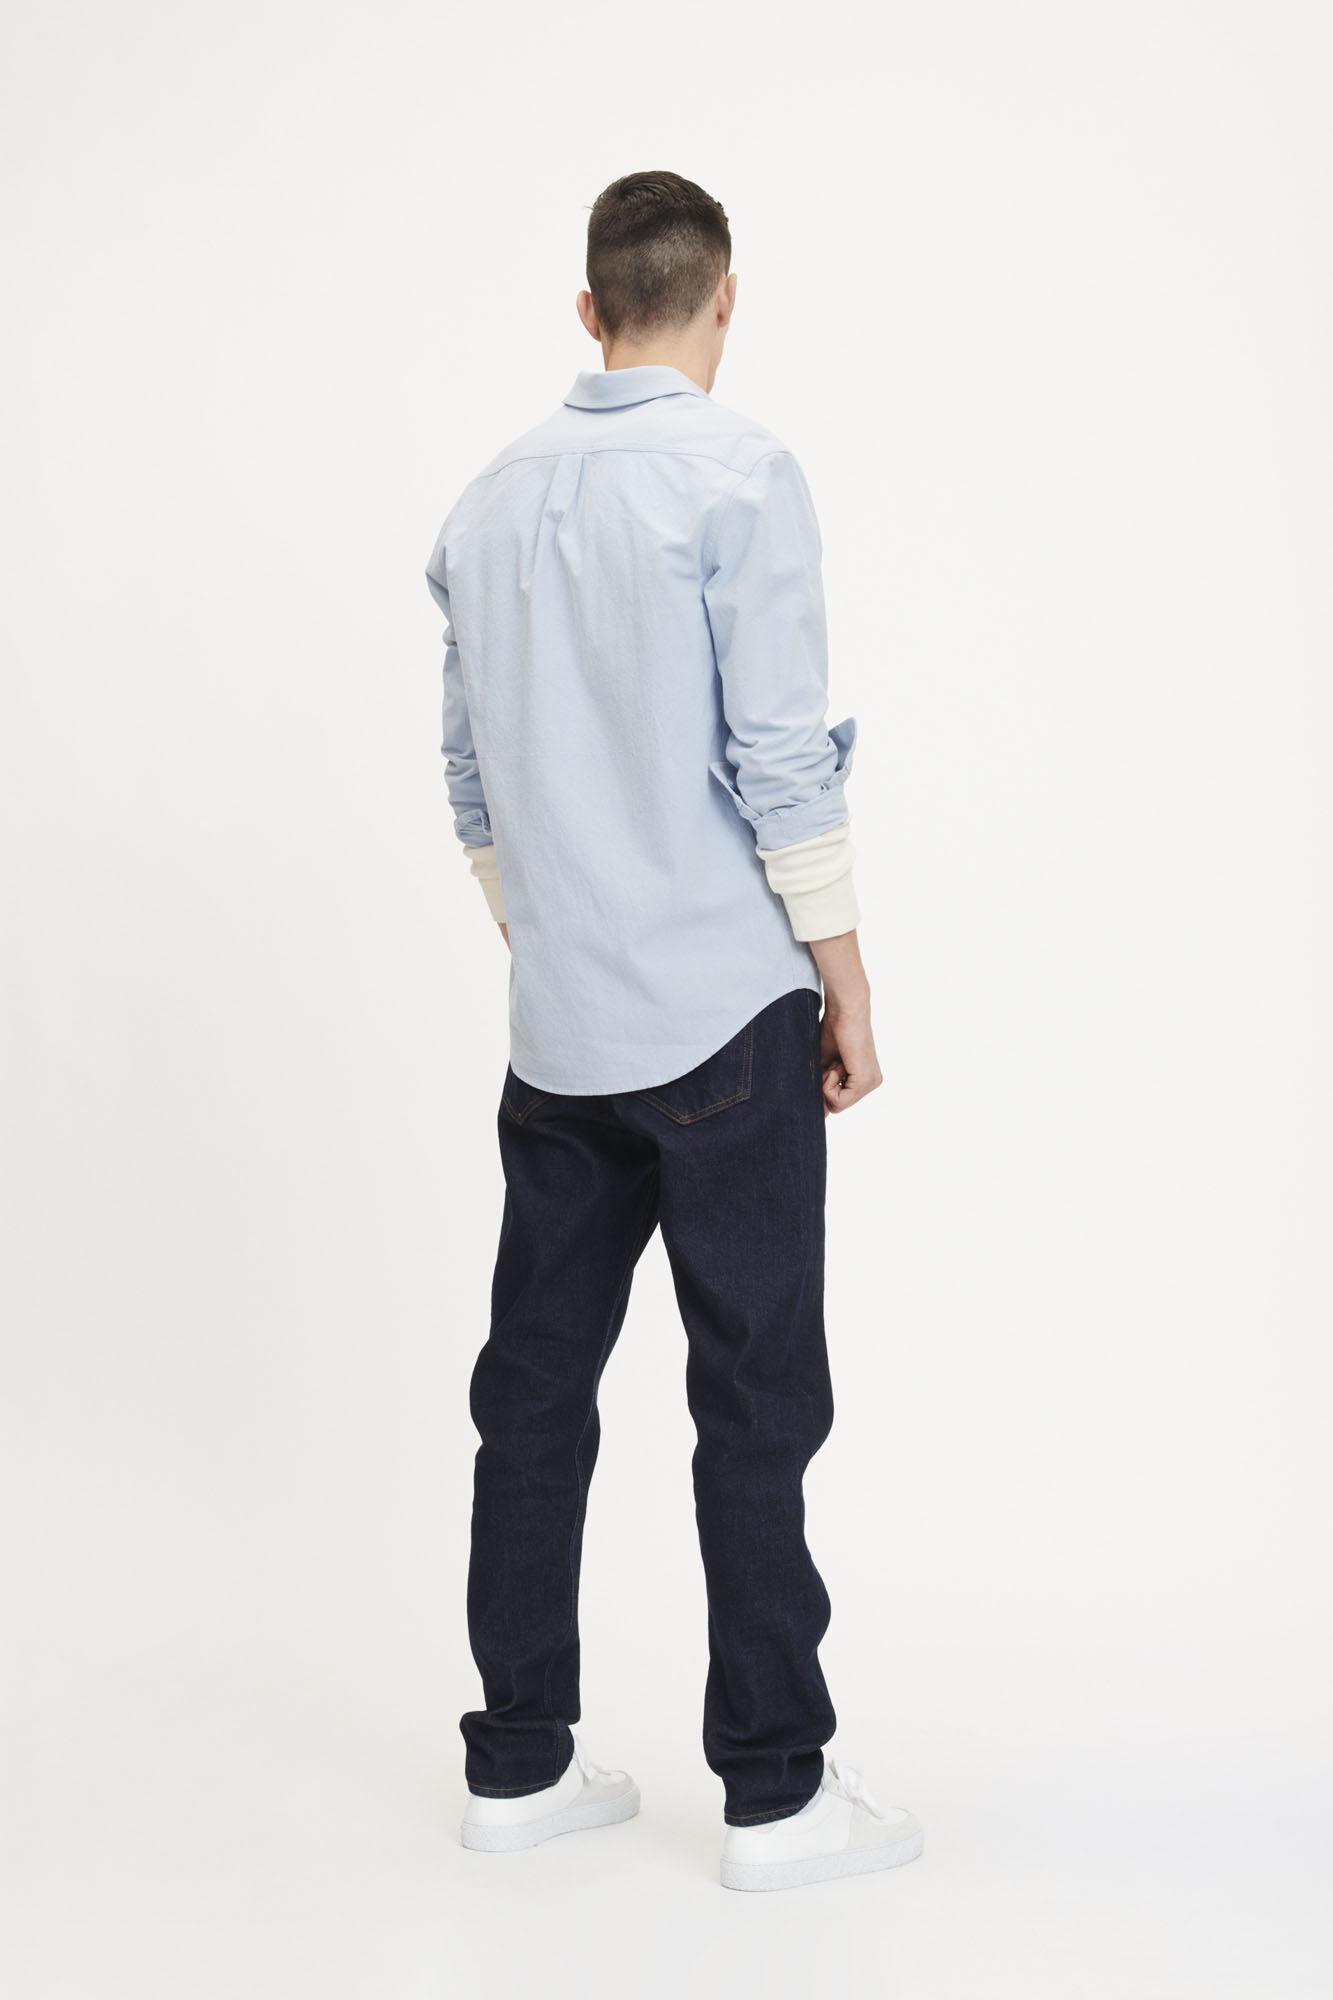 Liam NX shirt 10938